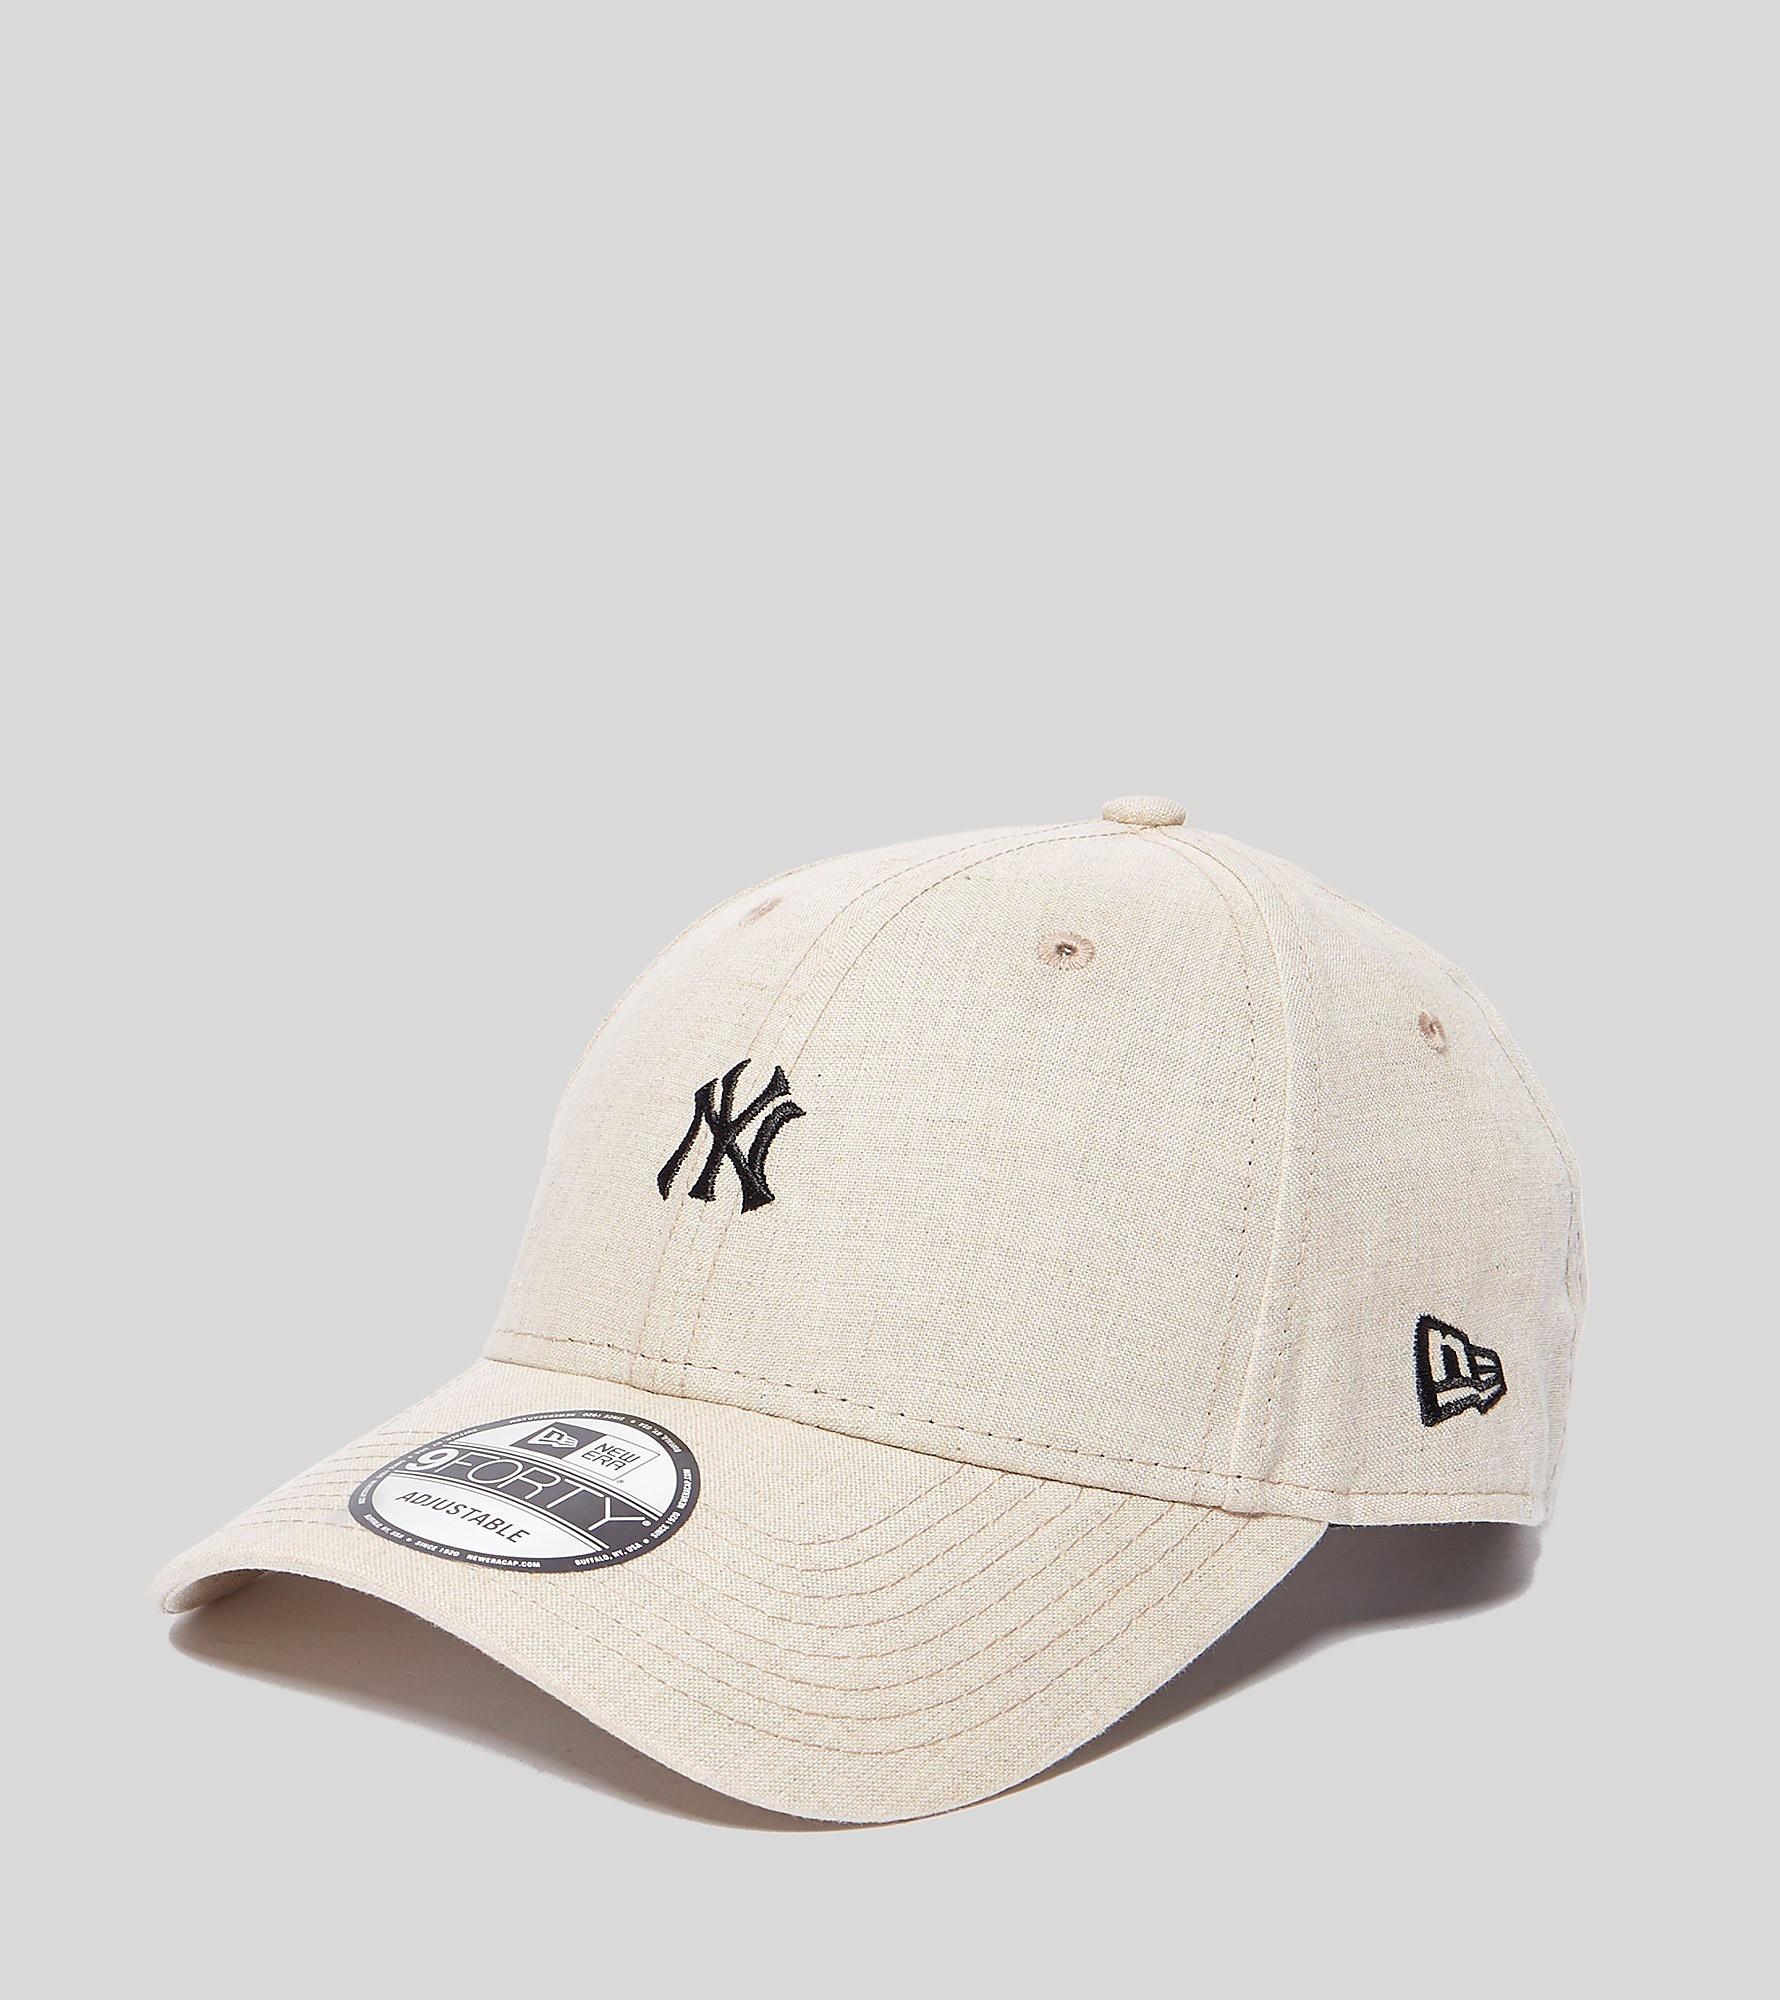 New Era 9FORTY Linen NY Cap